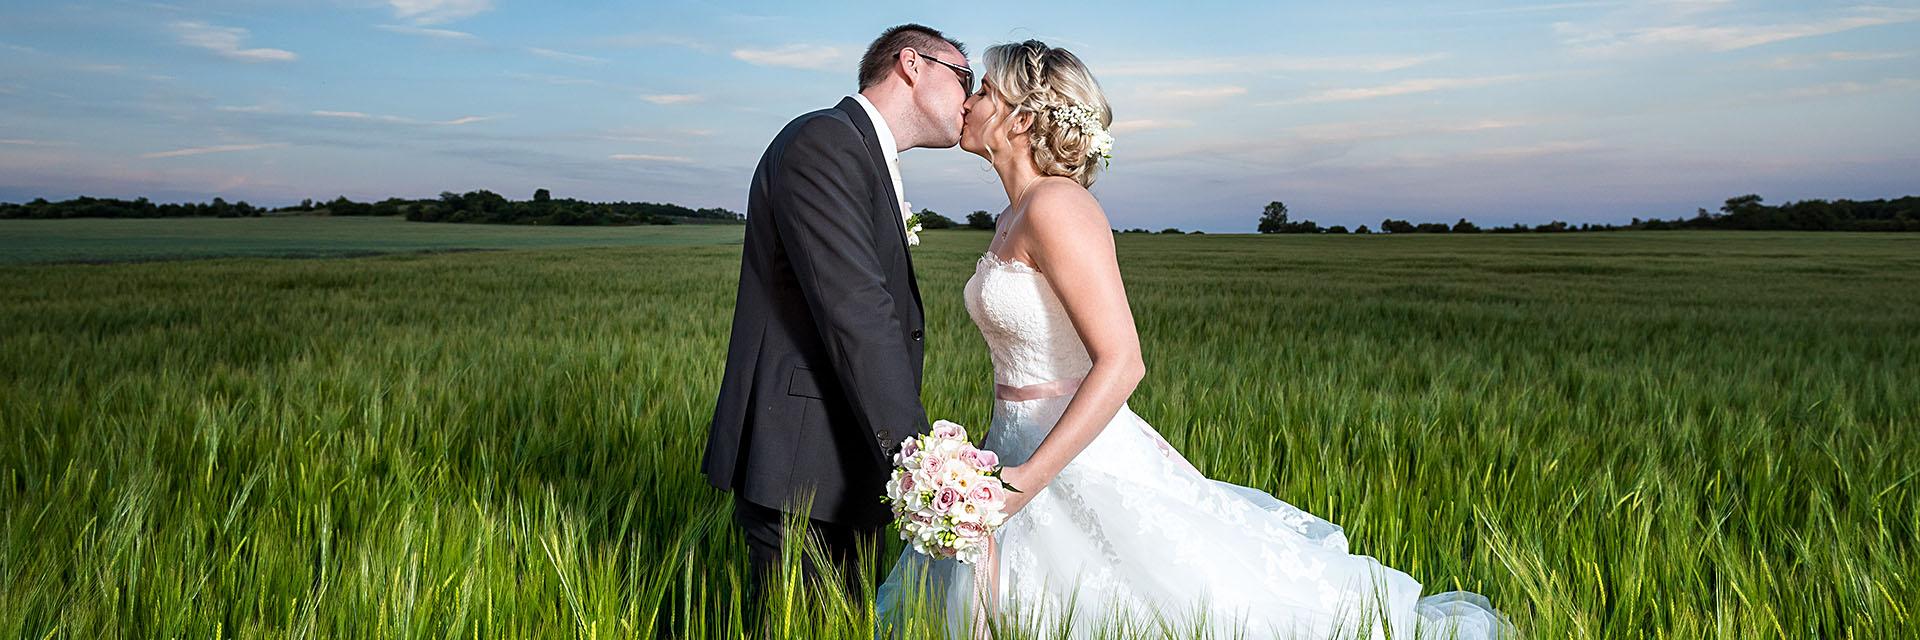 svatební fotografování / fotograf Vojtěch Pavelčík